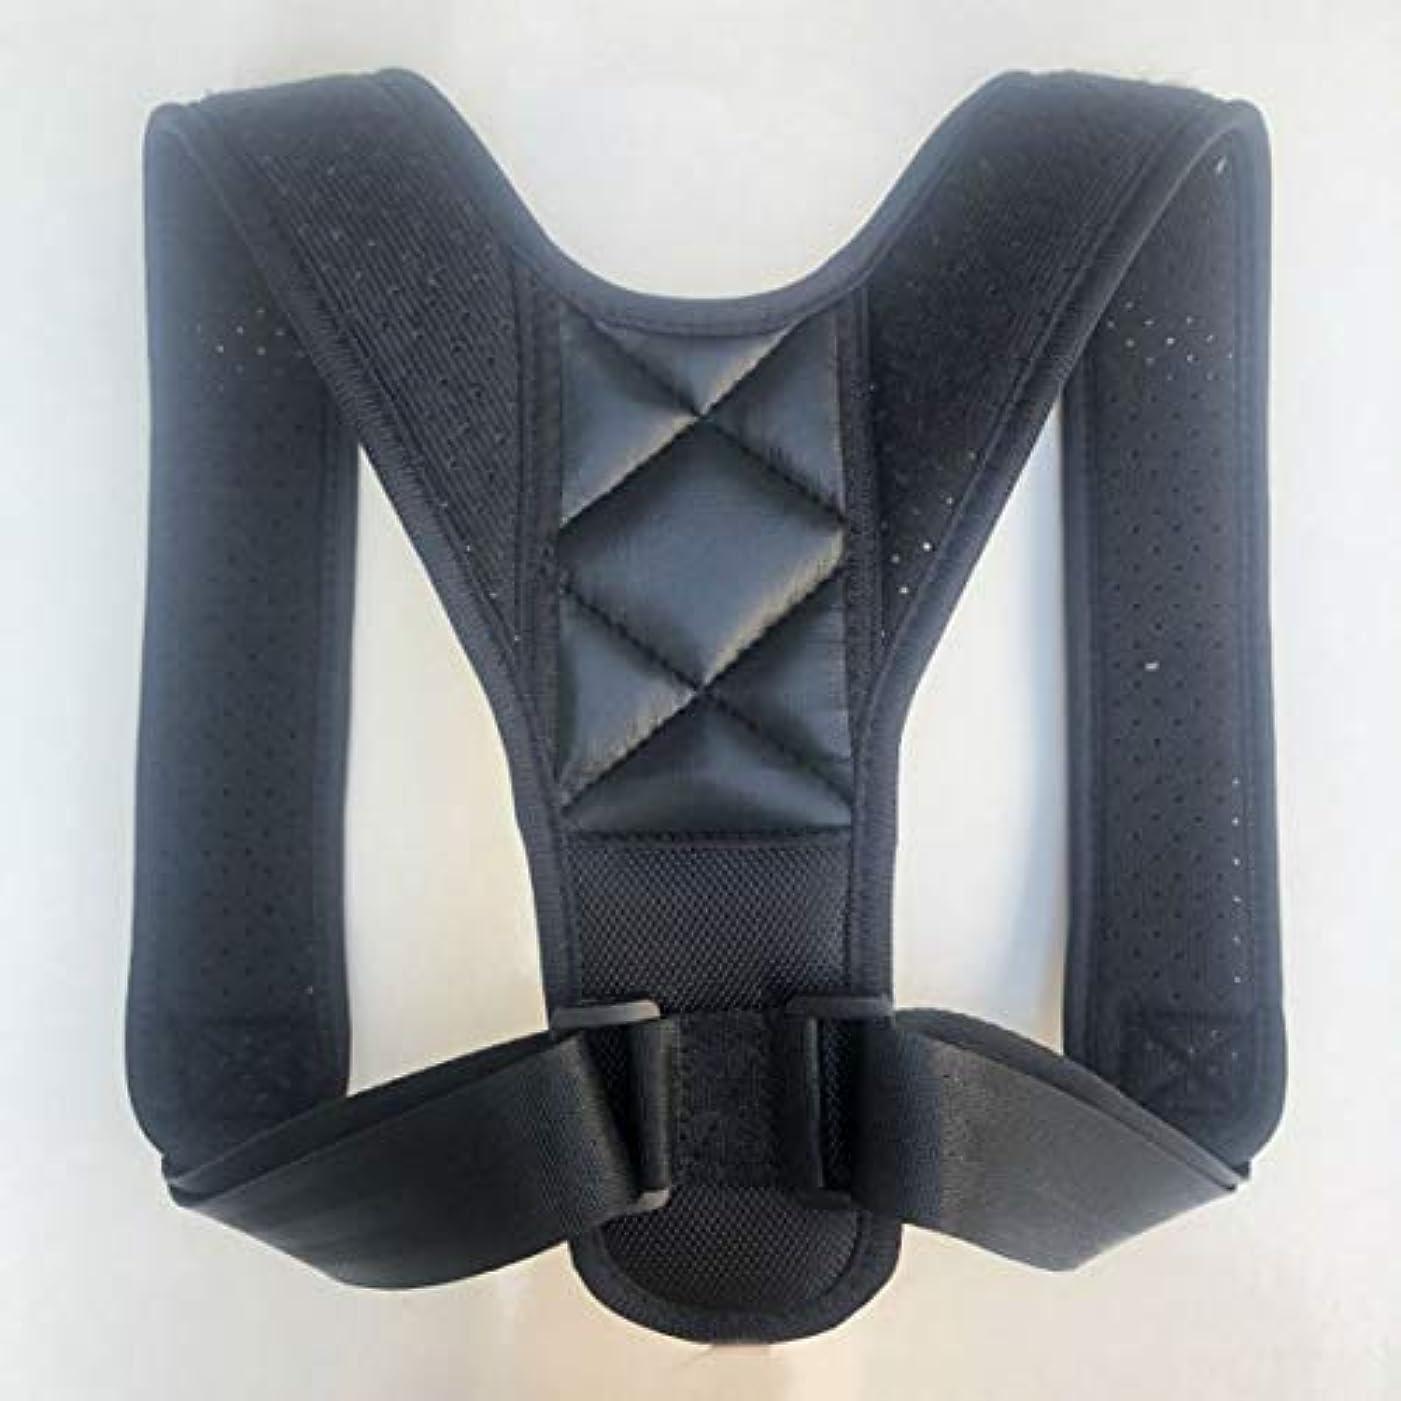 インスタント収入脇にアッパーバックポスチャーコレクター姿勢鎖骨サポートコレクターバックストレートショルダーブレースストラップコレクター - ブラック